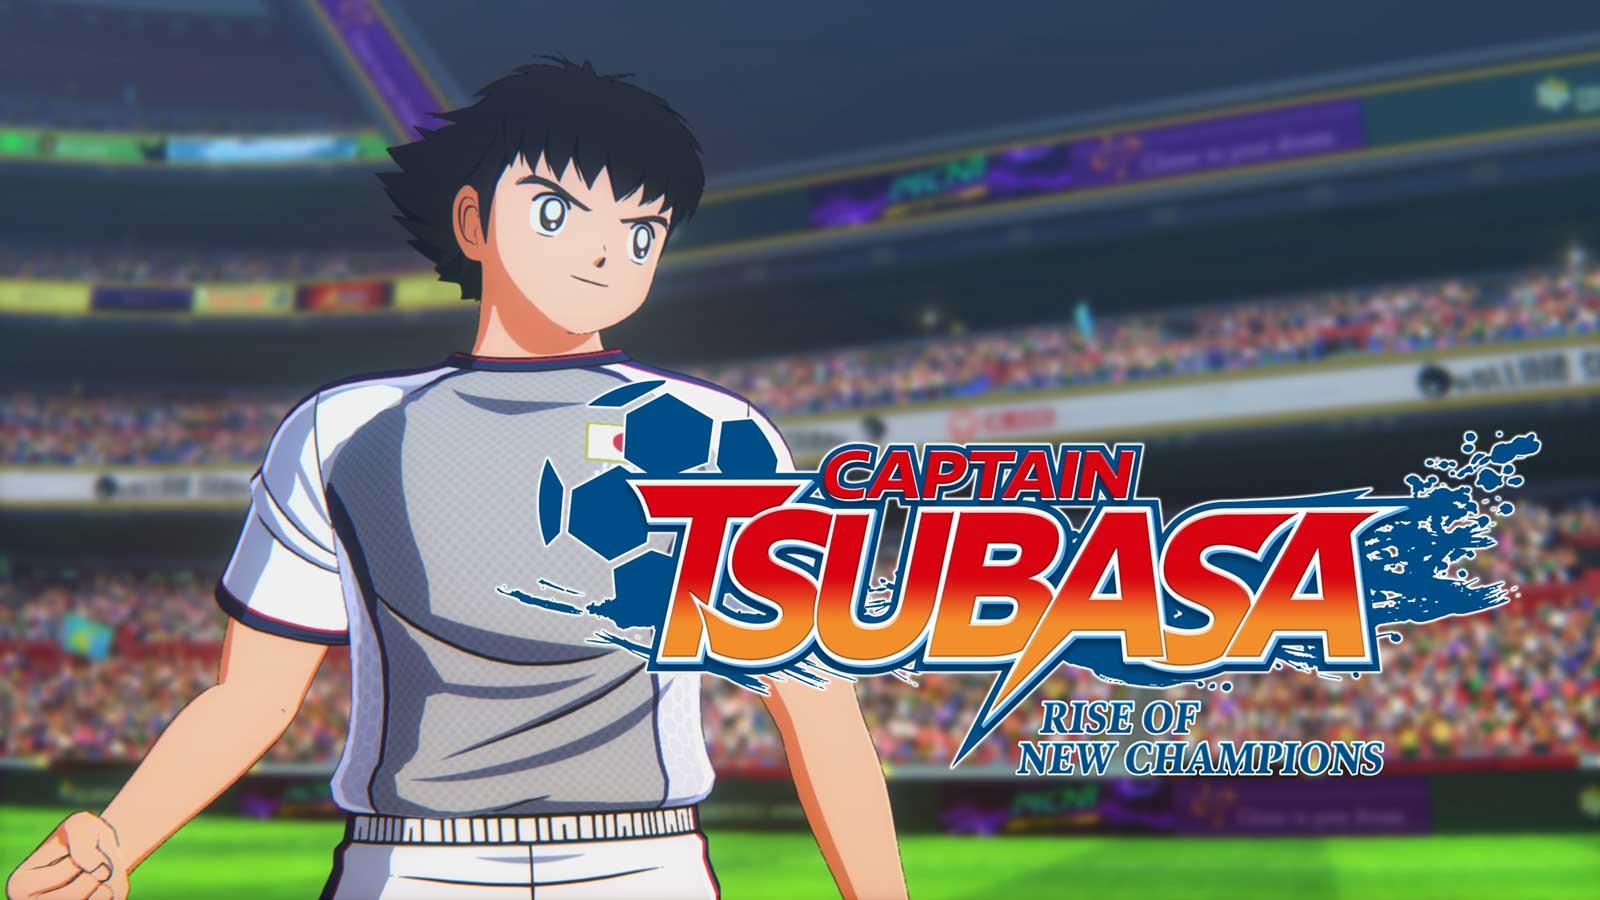 Cover di Captain Tsubasa, con tsubasa in primo piano e dietro il logo